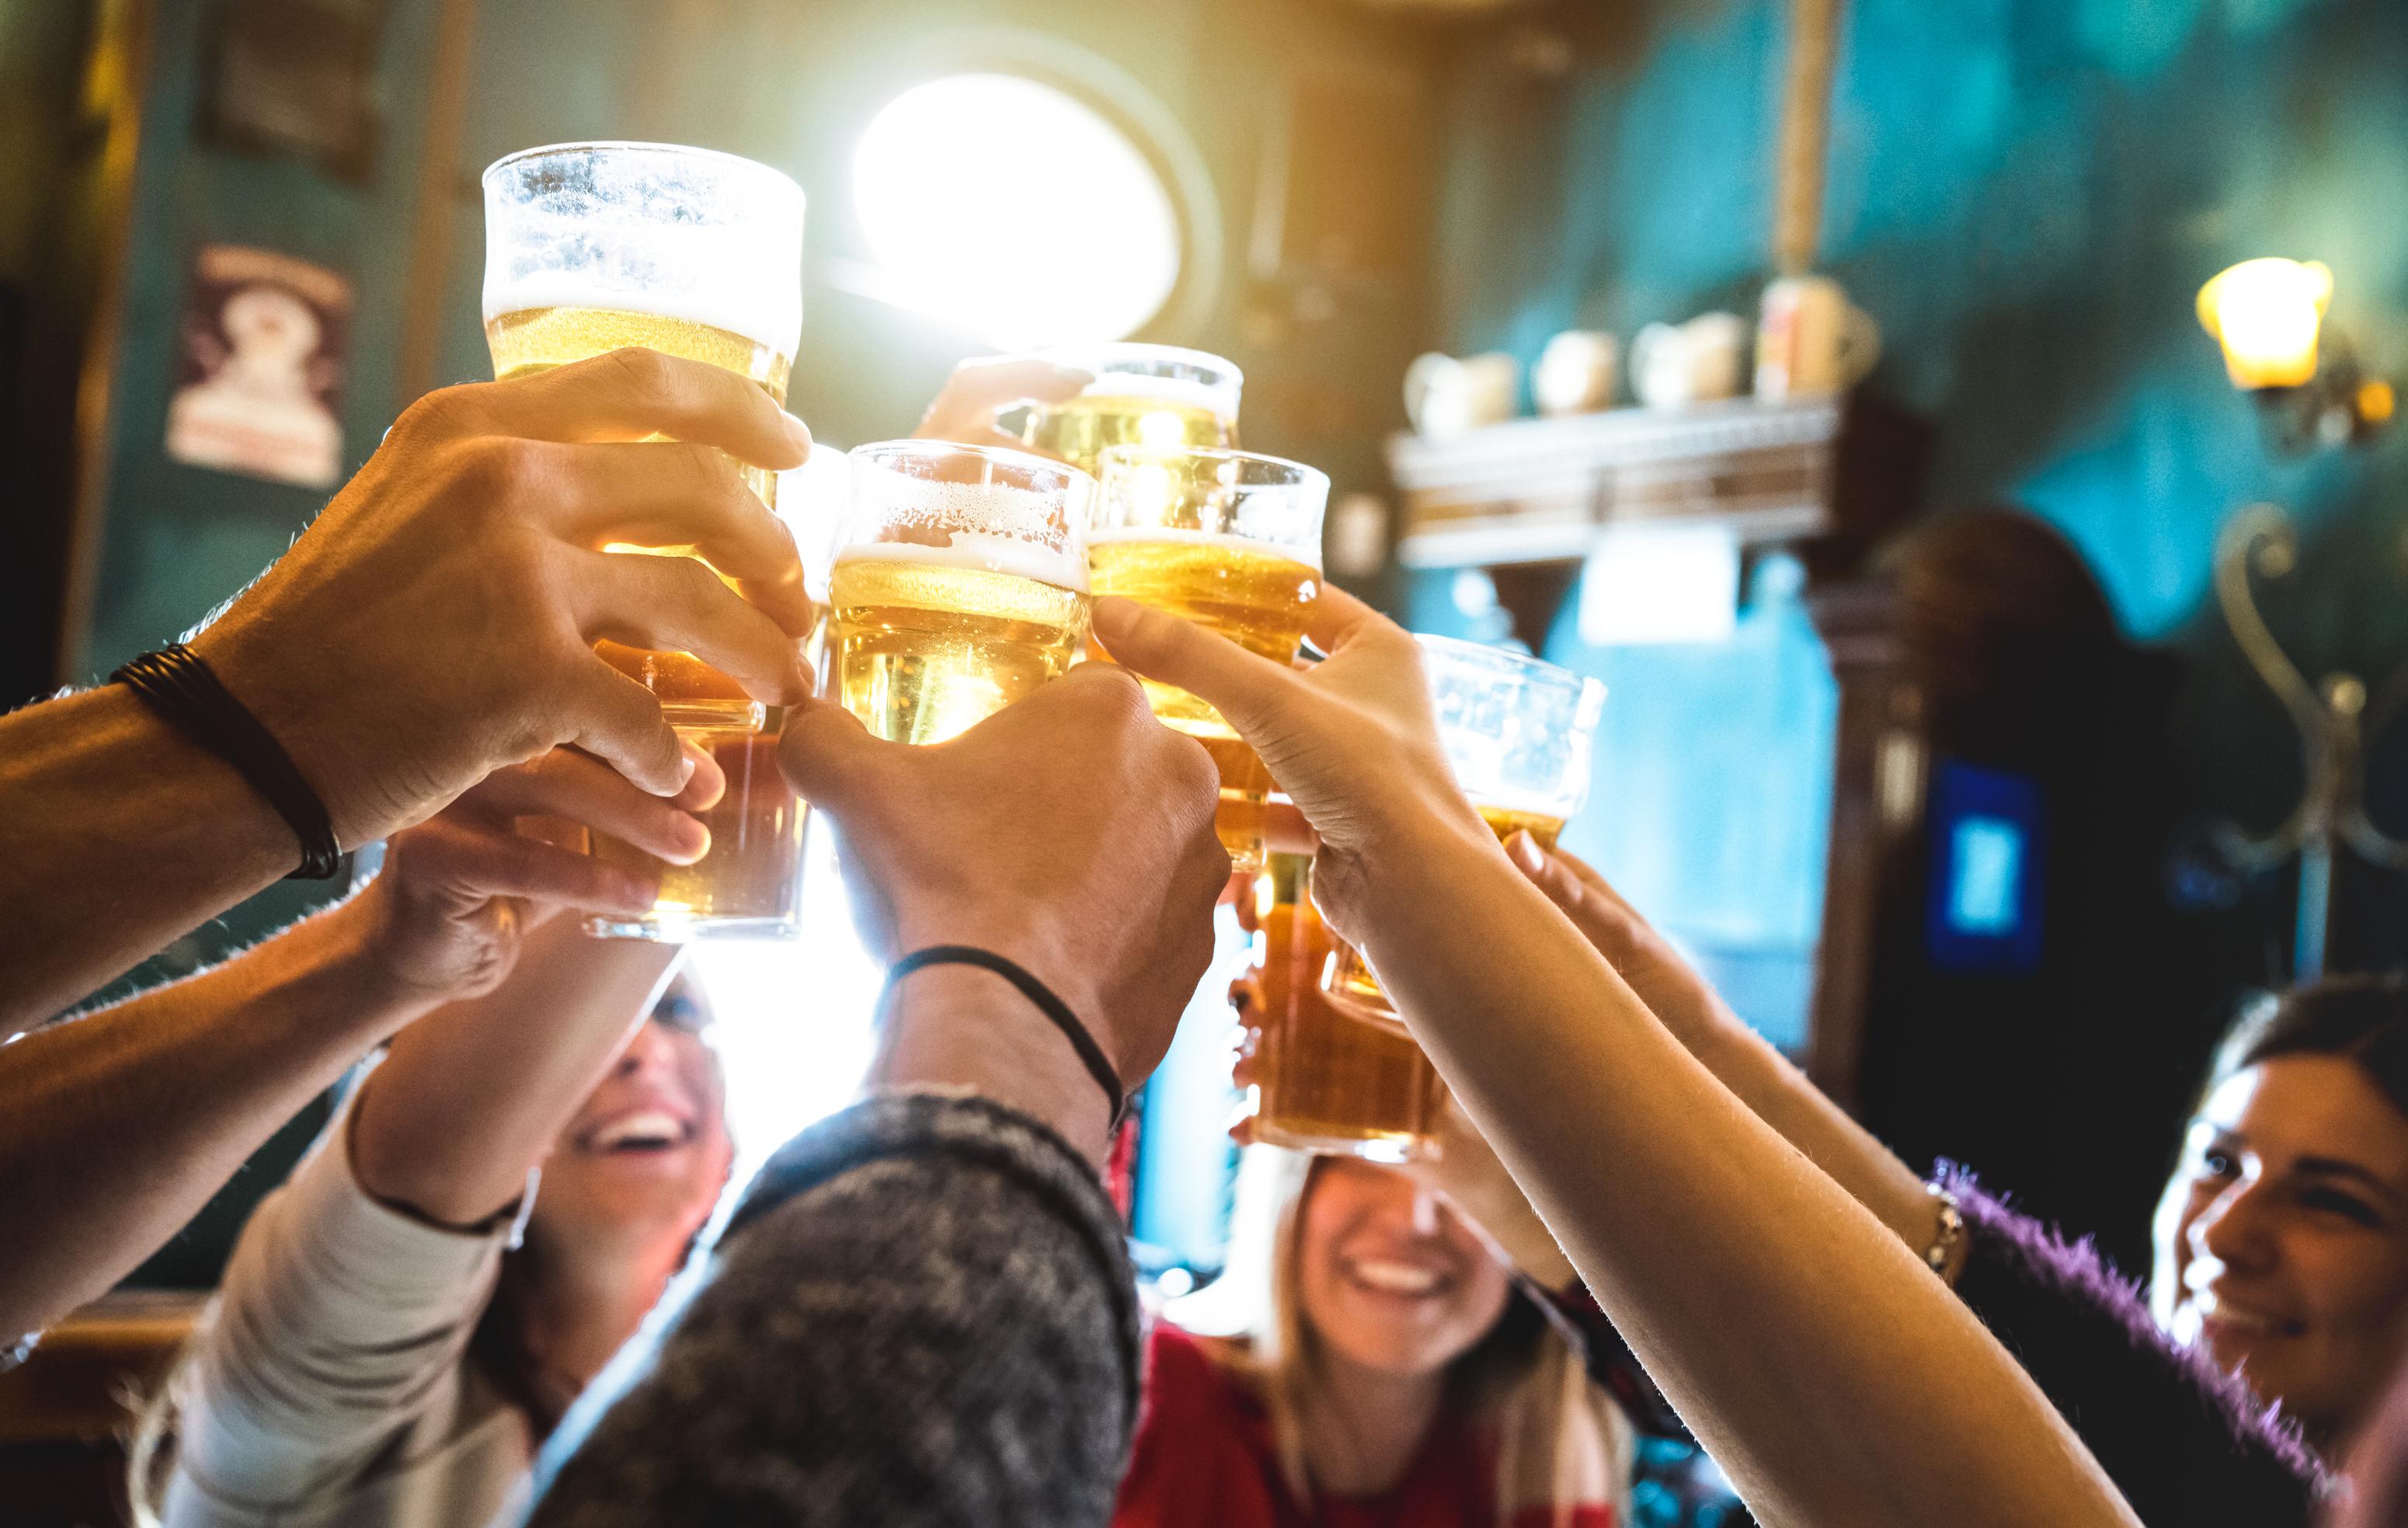 Britanicii au sufocat pub-urile și restaurantele cu rezervări. Nu mai sunt locuri săptămâni întregi după data redeschiderii